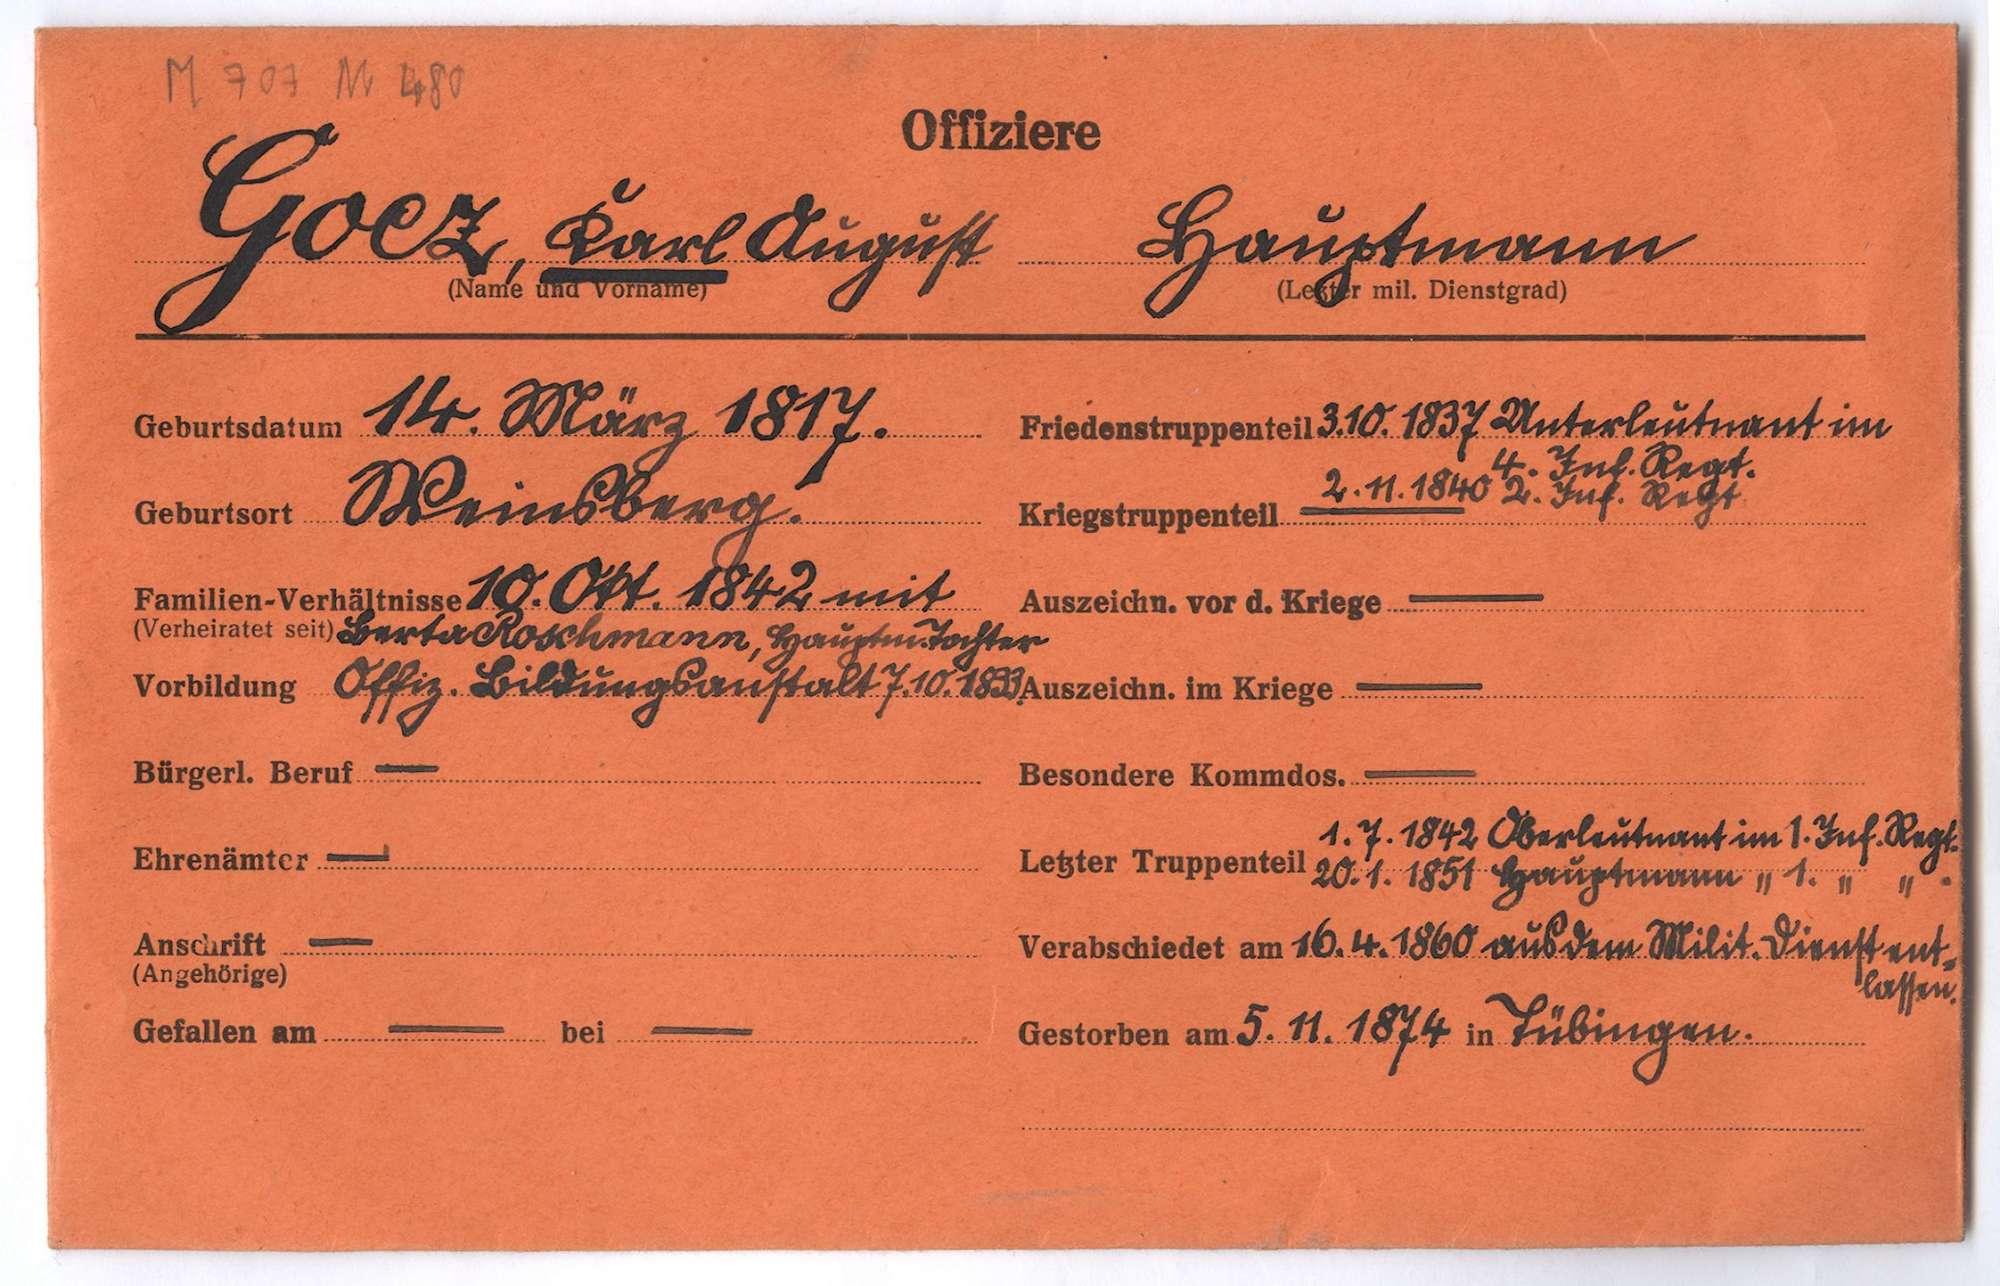 Goez, Karl August, Bild 1